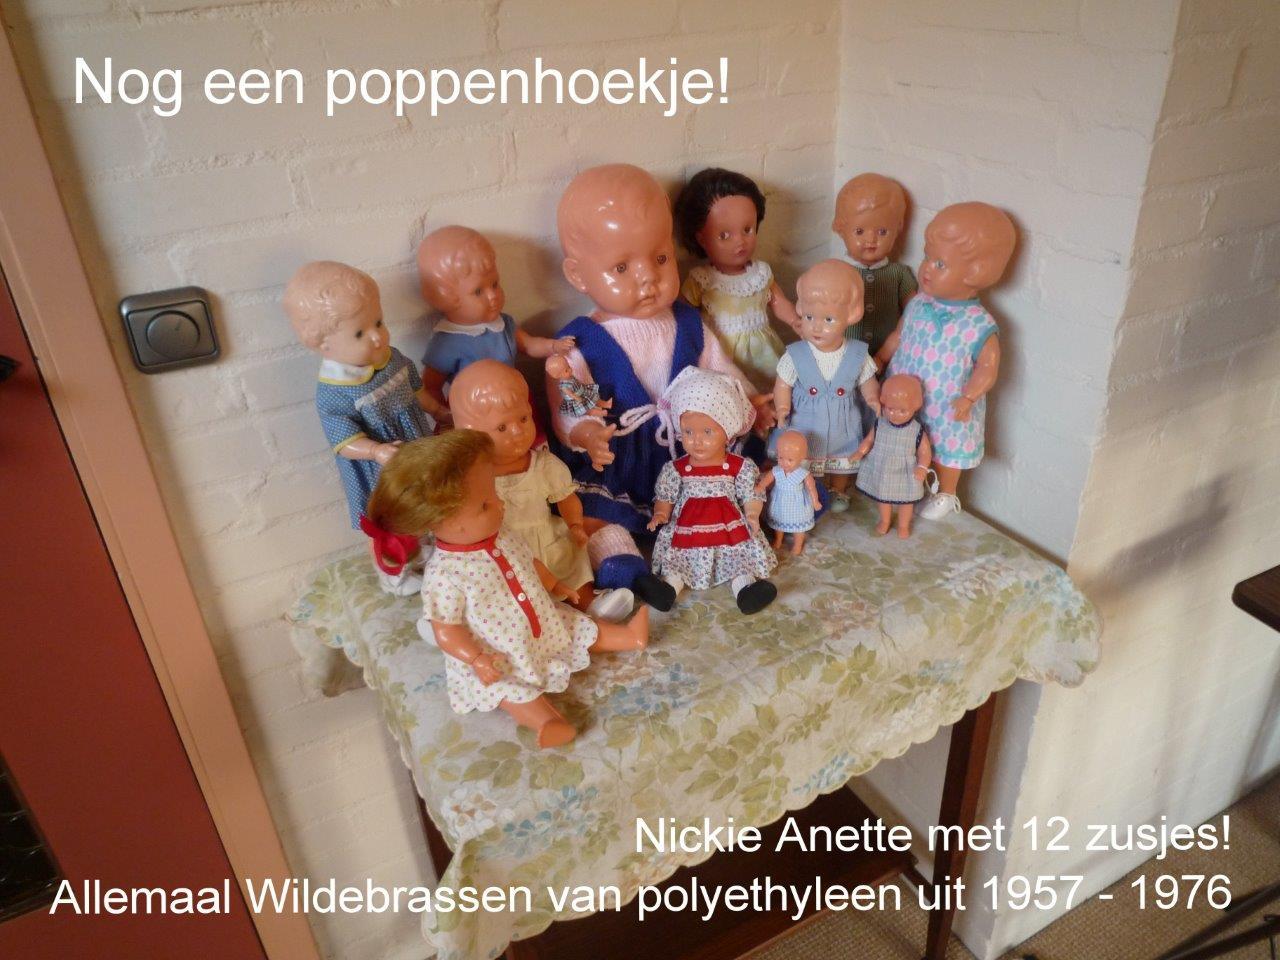 https://welkepopisdat.nl/afbeeldingen-Forum/DurvinaFotos/Nickie%20Anette%20(2).jpg